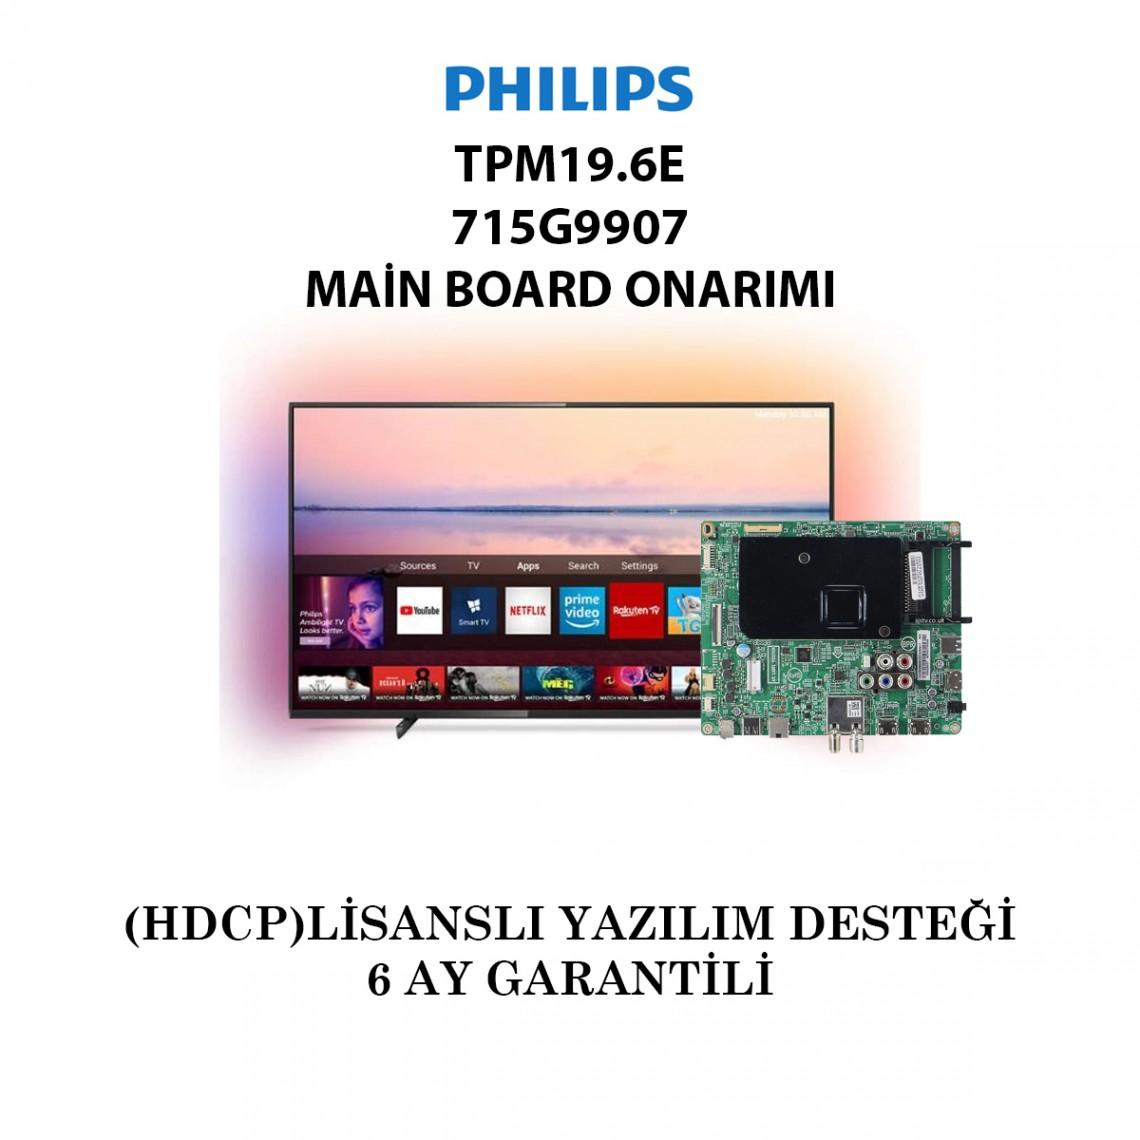 PHILIPS, TPM19.6E, 715G9907, 715G9907-M01-B03-005K, 715G9907-M01-B03-005G, 715G9907-M01-B00-005K, Main Board Onarımı